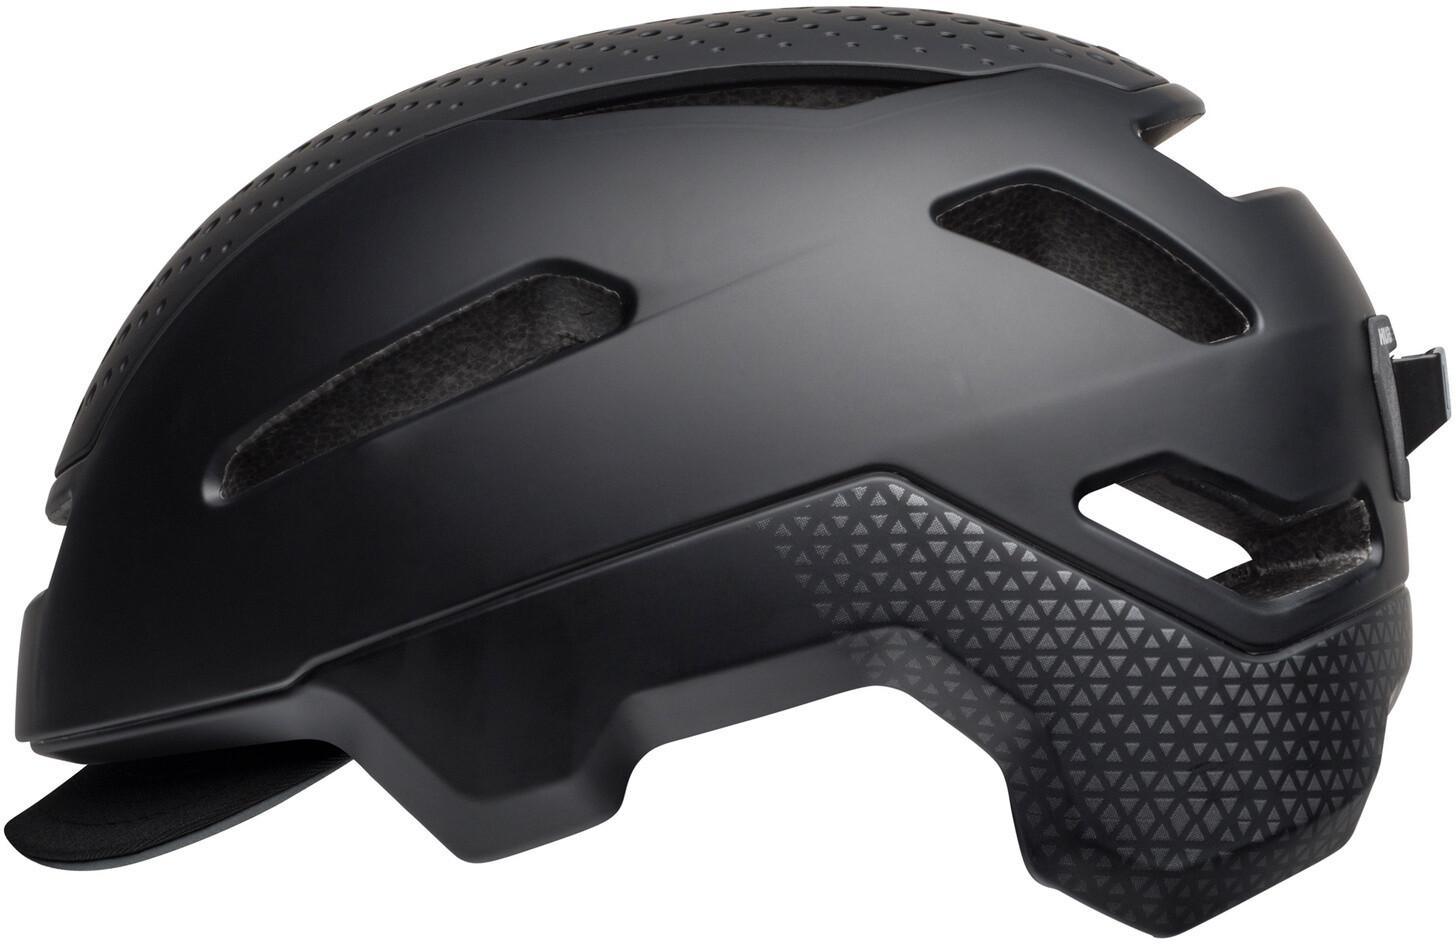 Bell Hub Cykelhjälm svart - till fenomenalt pris på Bikester b9565b3288edc